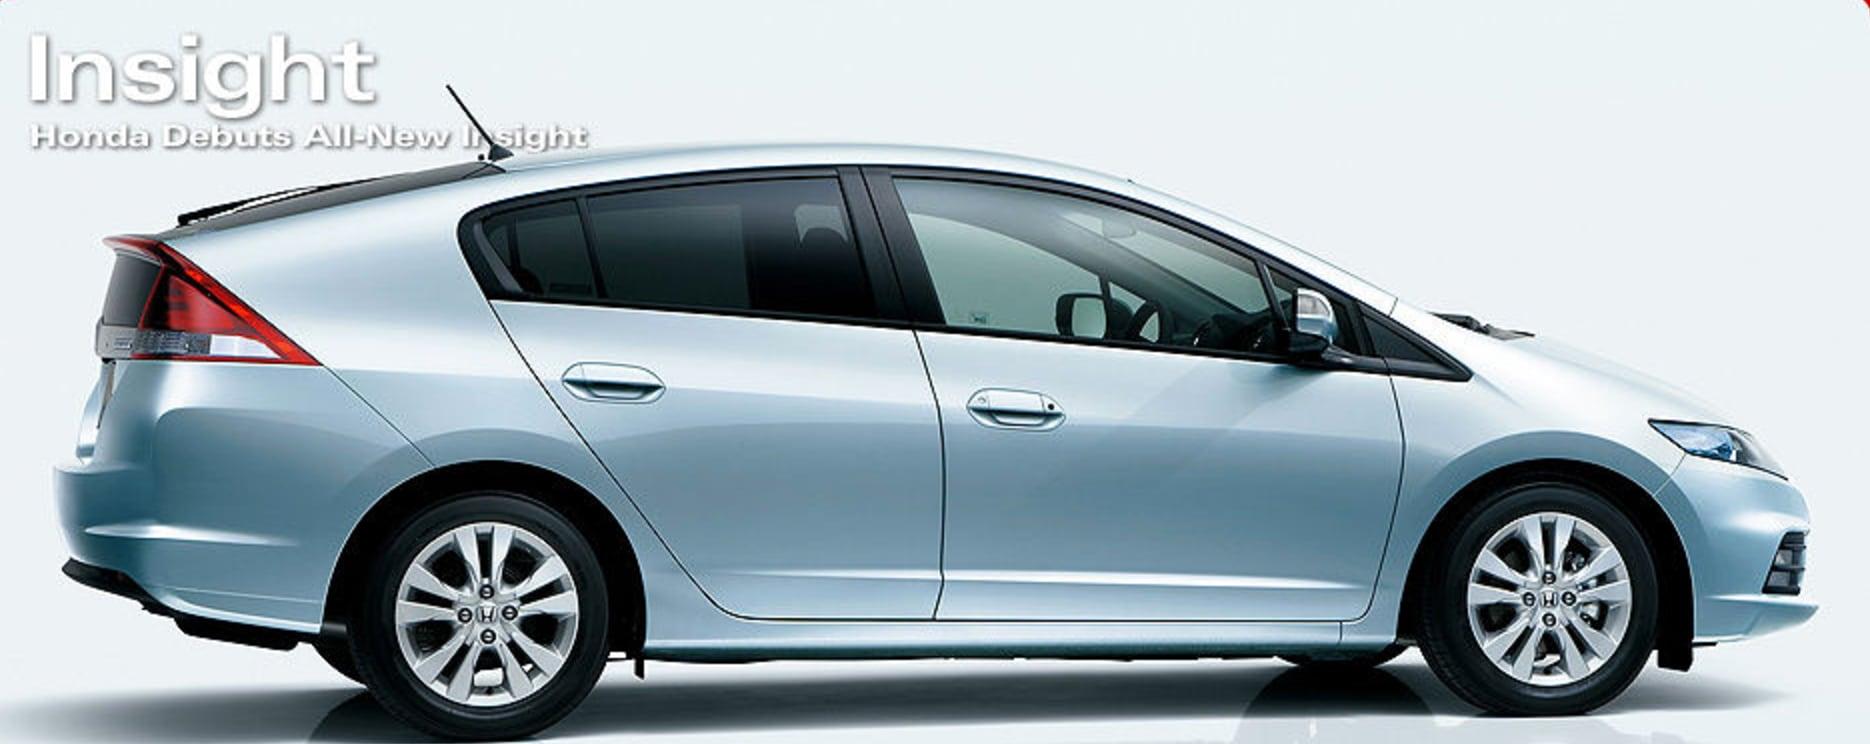 Most Fuel Efficient Car in Amerca - The Honda Insigh | John Eagle Honda